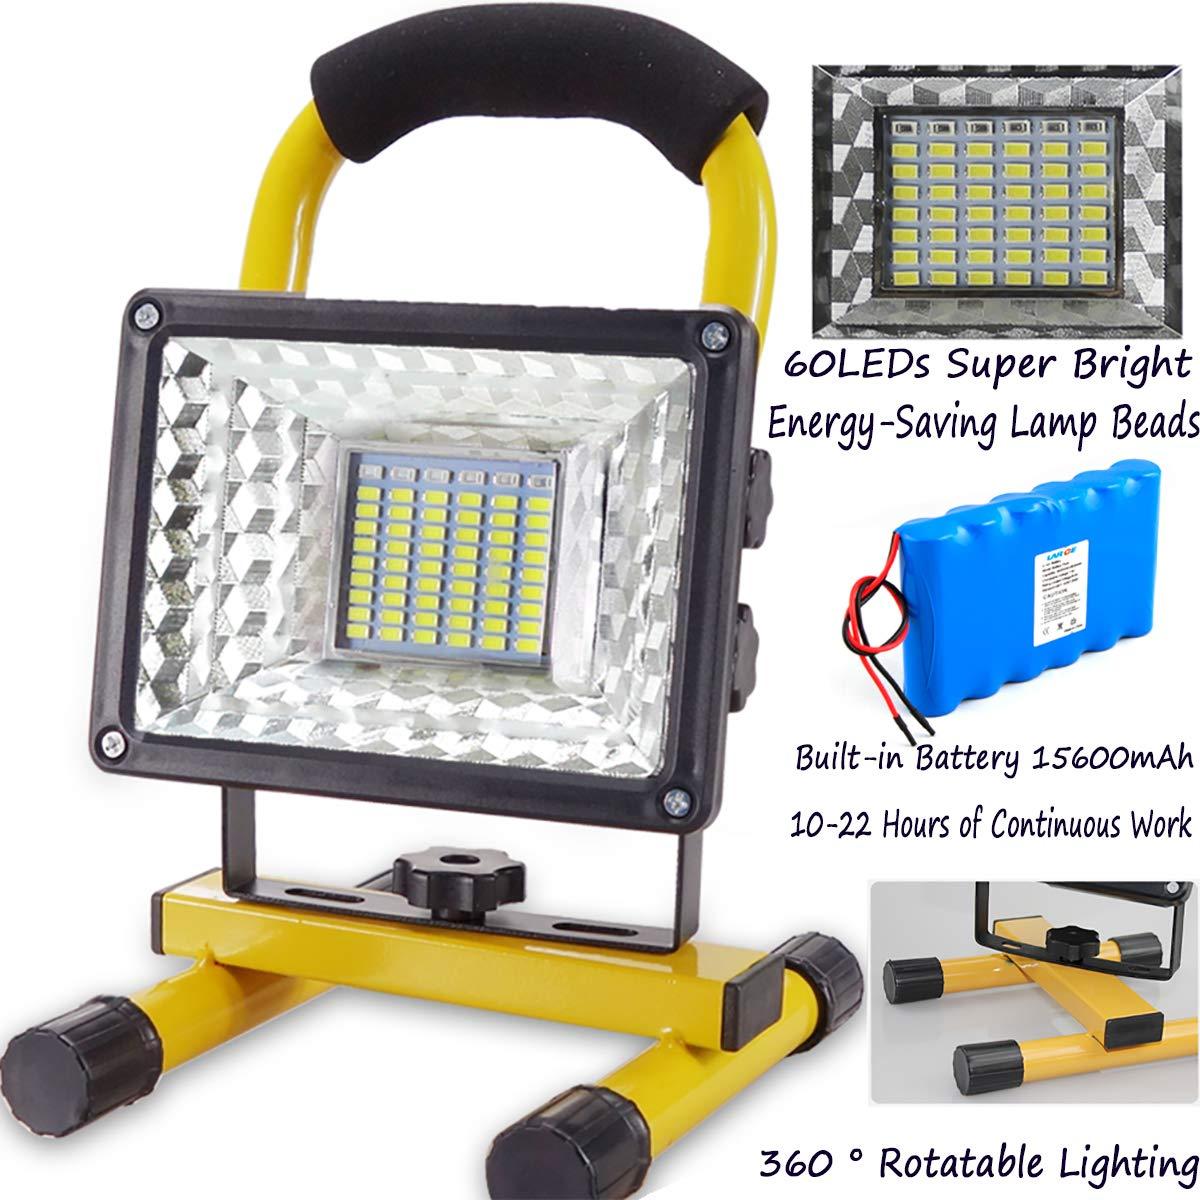 Foco LED Resistente Al Agua Led Foco Proyector Portatil 400W 8000 Lumen Terraza Pescado Bater/ías Recargables Incorporadas 7800 Mah,Carga USB Luz de Trabajo Led Recargable, con Control Remoto